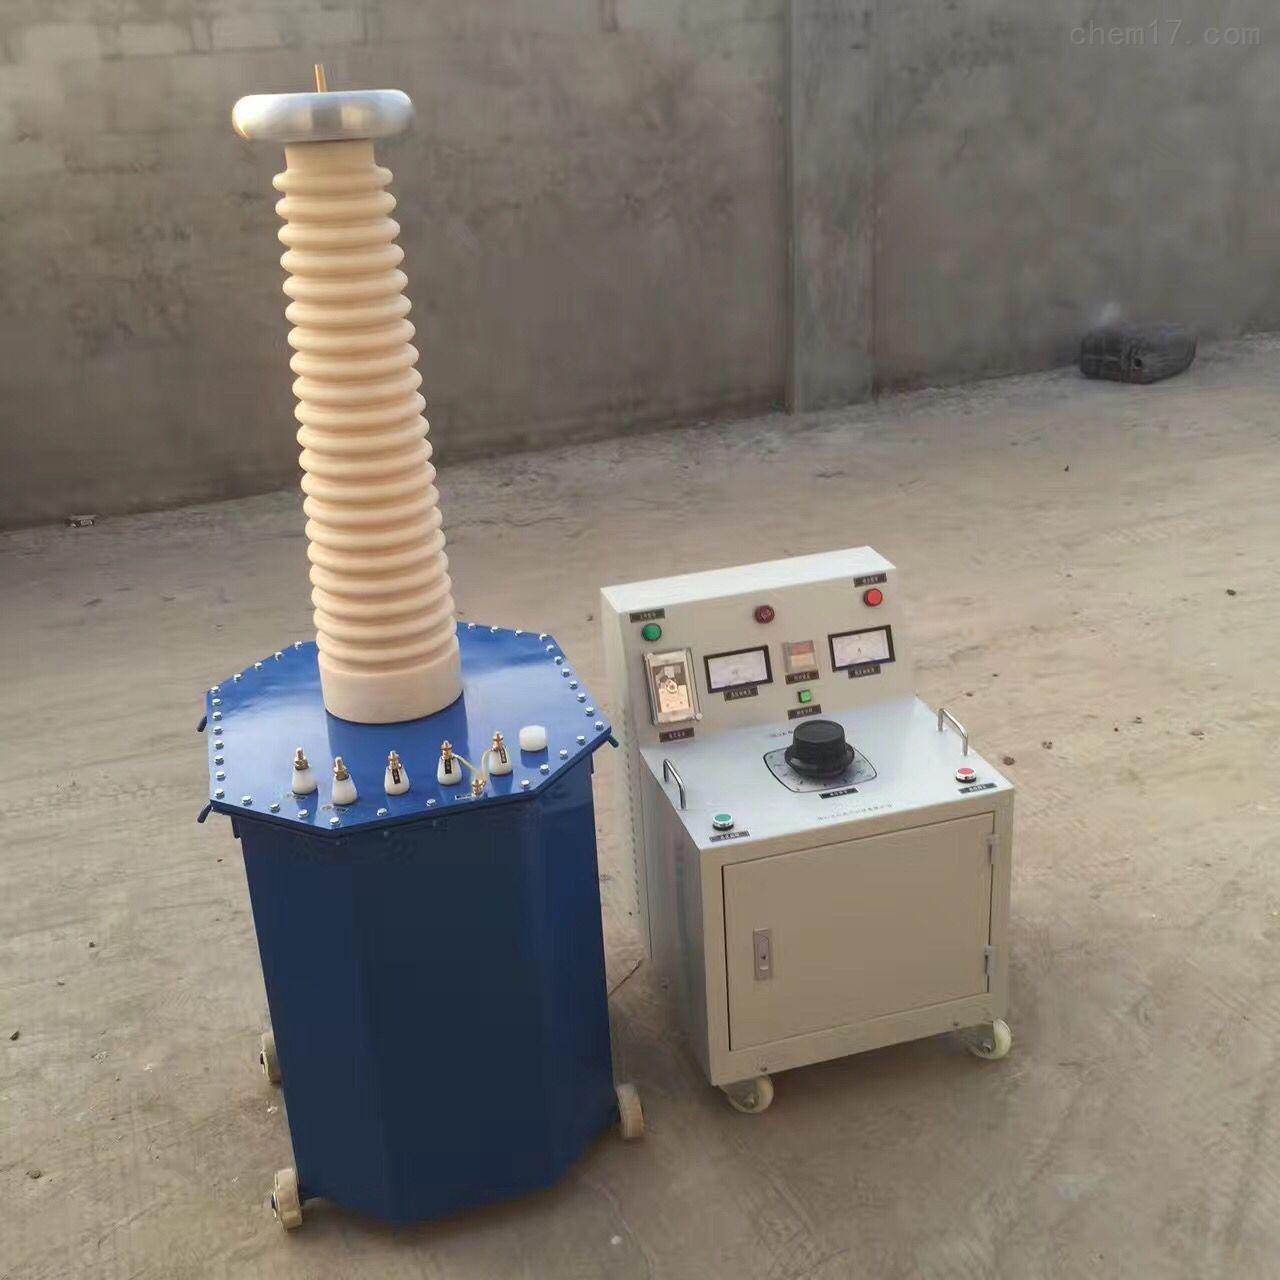 工频耐压试验装置电力承装修试设备可租凭